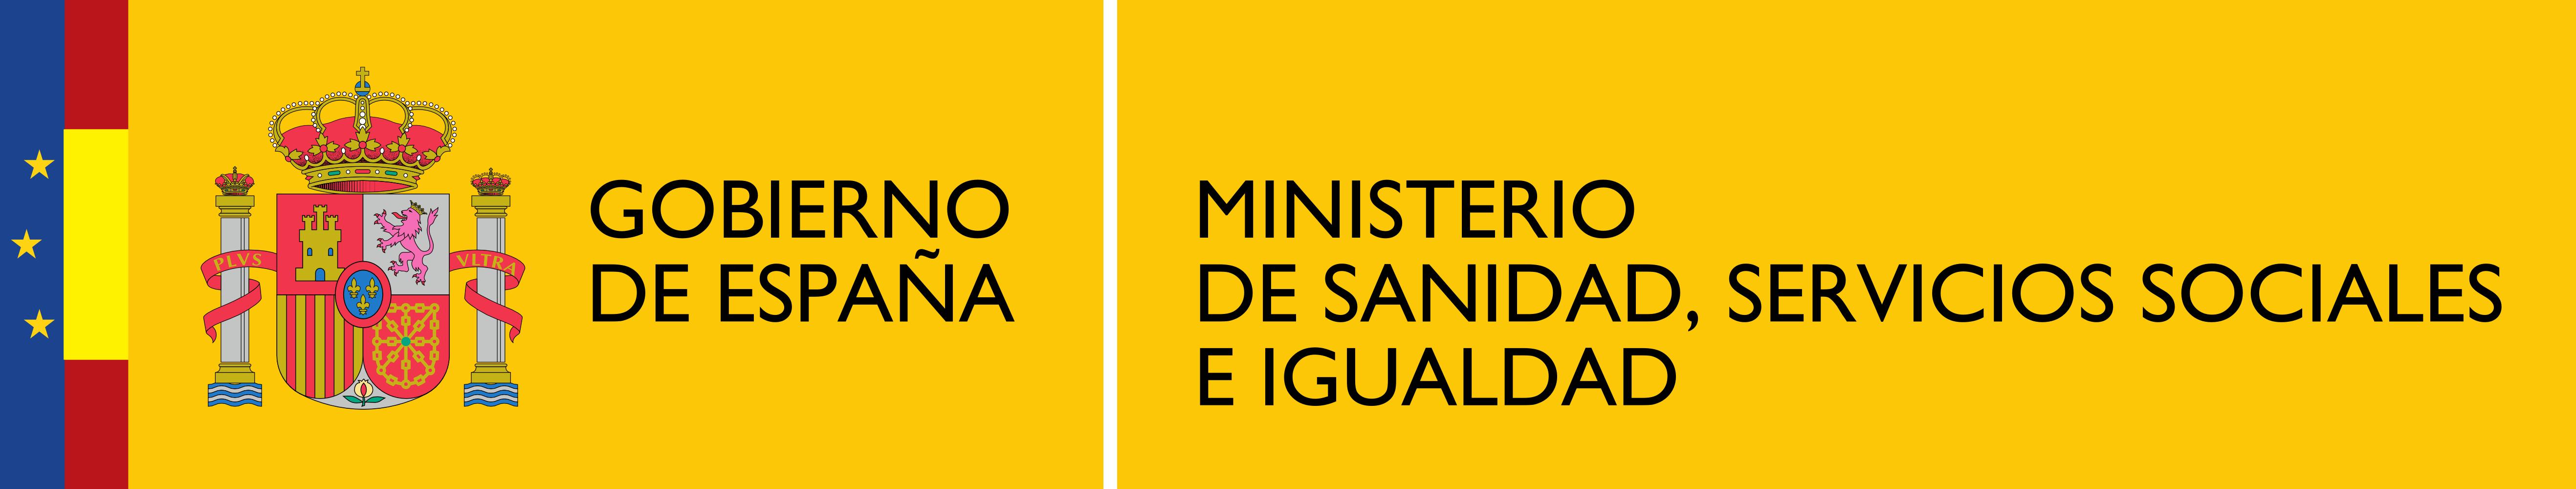 Opiniones de ministerio de igualdad for Ministerio de seguridad espana